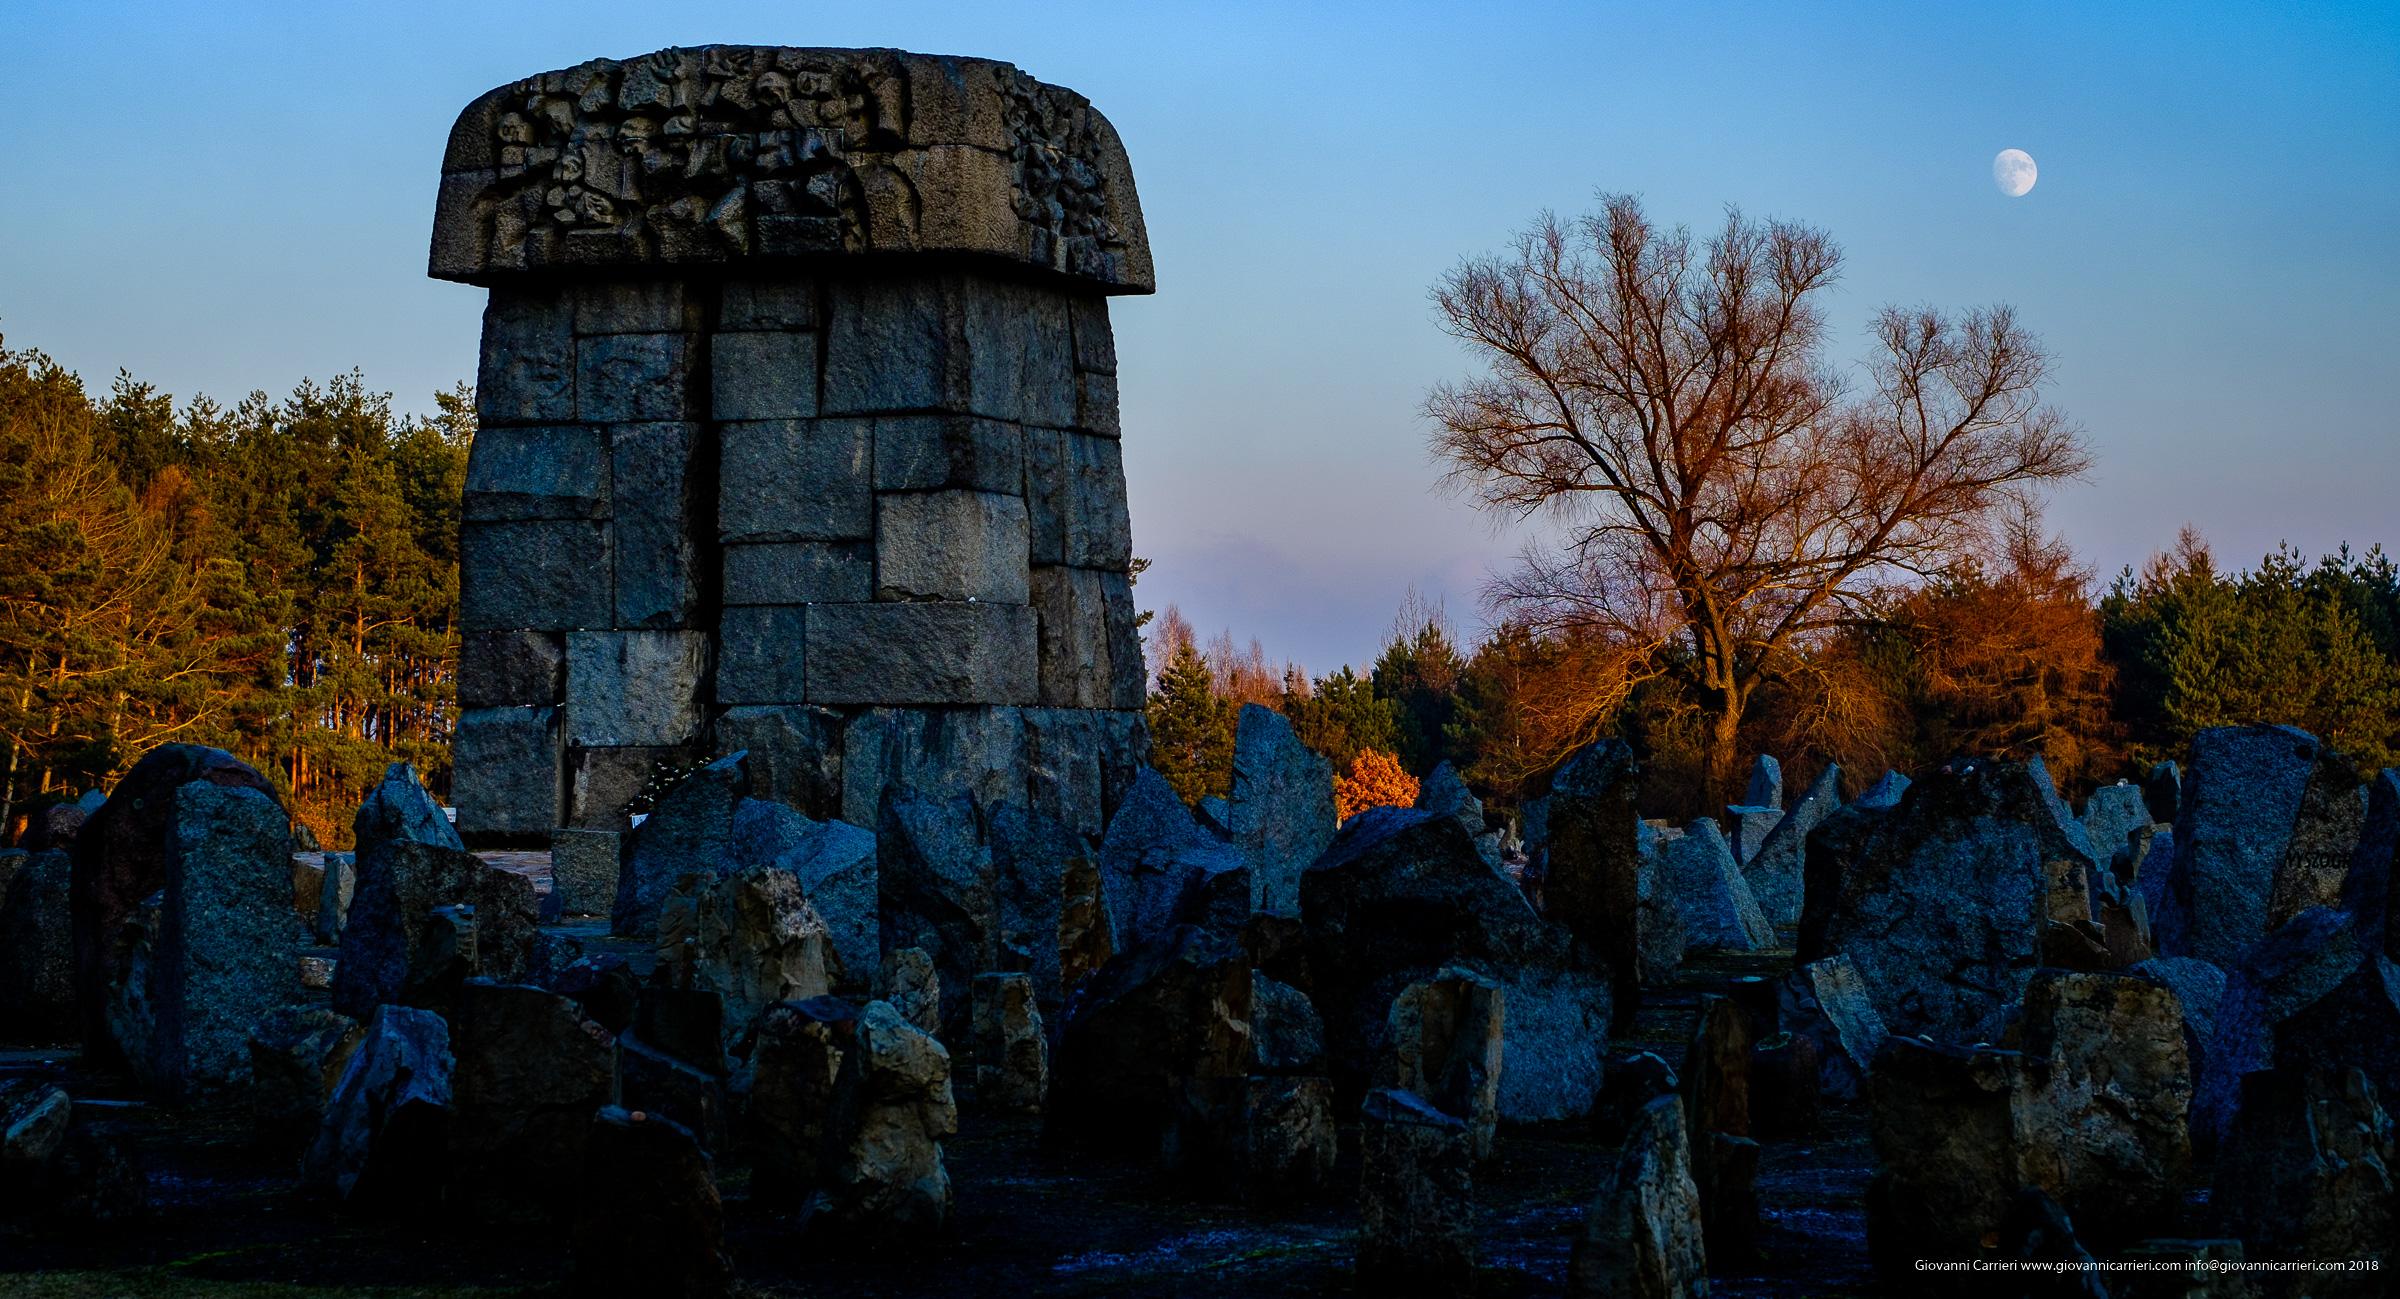 Il memoriale e le lapidi in memoria delle vittime del campo di sterminio di Treblinka